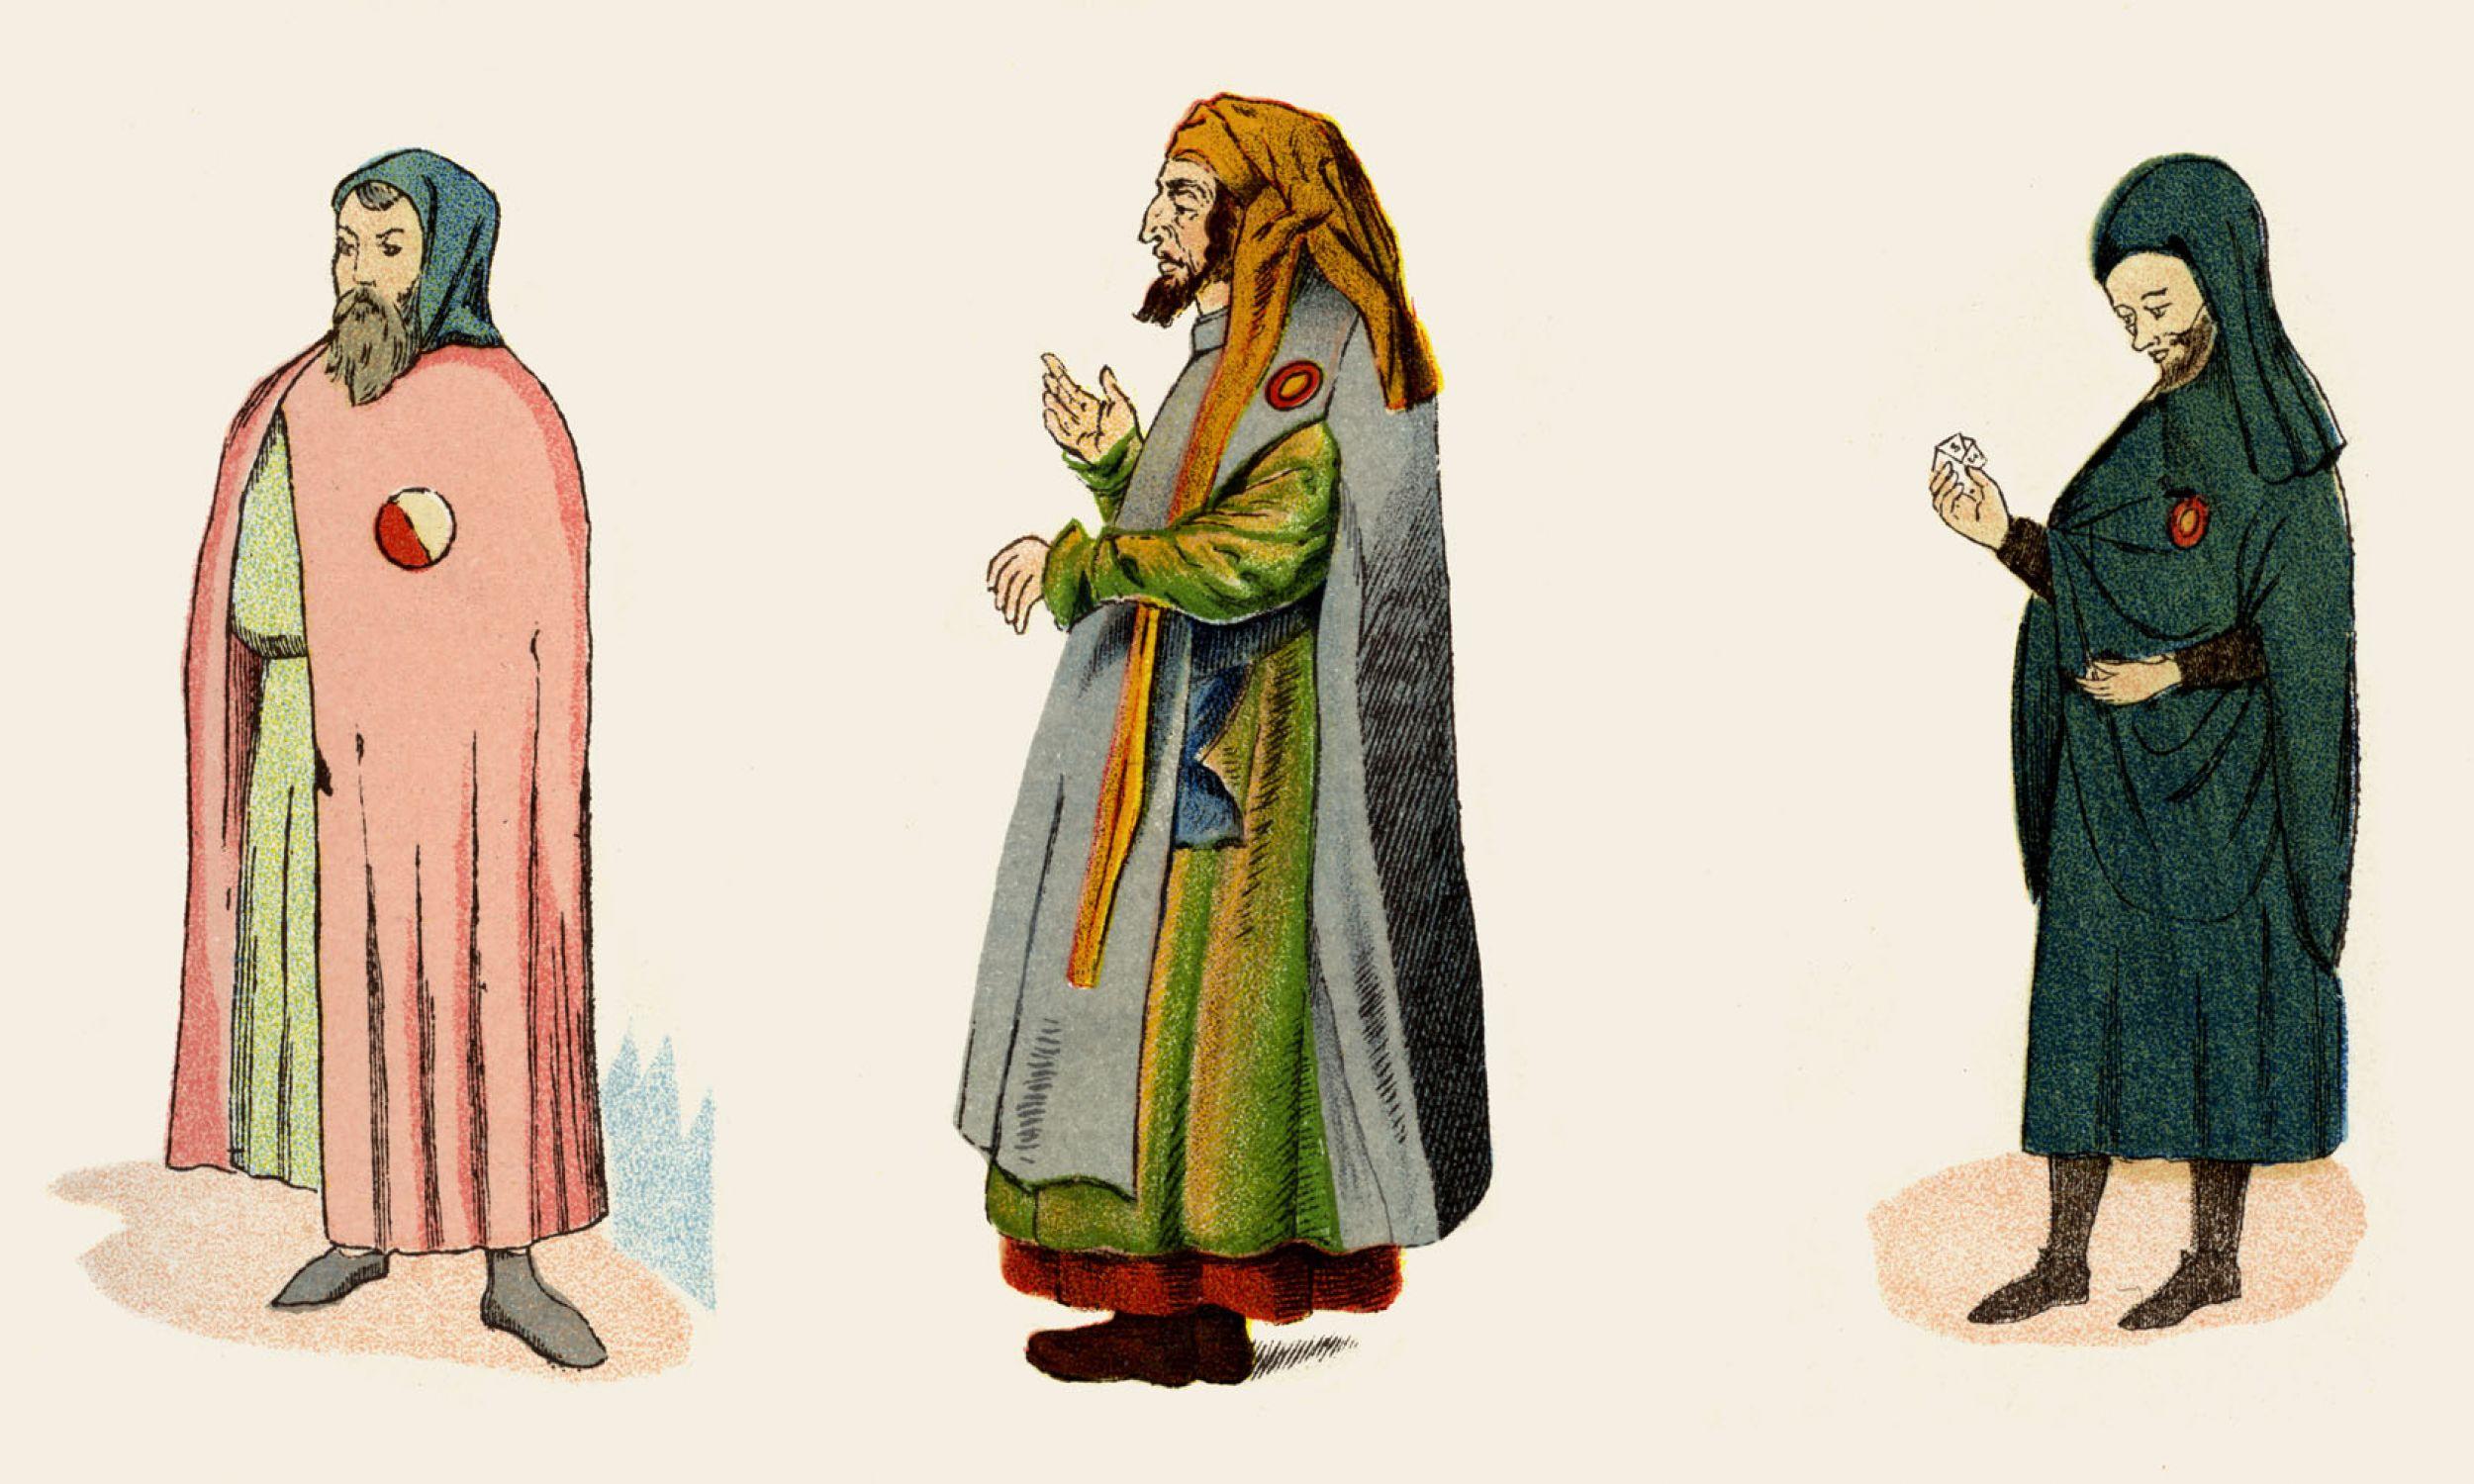 Żydzi w średniowieczu noszący identyfikacyjne odznaki. Od lewej do prawej: ilustracja z XIV-wiecznego francuskiego manuskryptu; rękopis niemiecki sprzed 1500 r.; Manresa w Katalonii, Hiszpania, 1347 r. Średniowieczne odznaki identyfikujące obywateli będących Żydami wprowadzono w wyniku czwartego Soboru Laterańskiego z 1215 r., za namową papieża Innocentego III. Fot. Culture Club / Getty Images